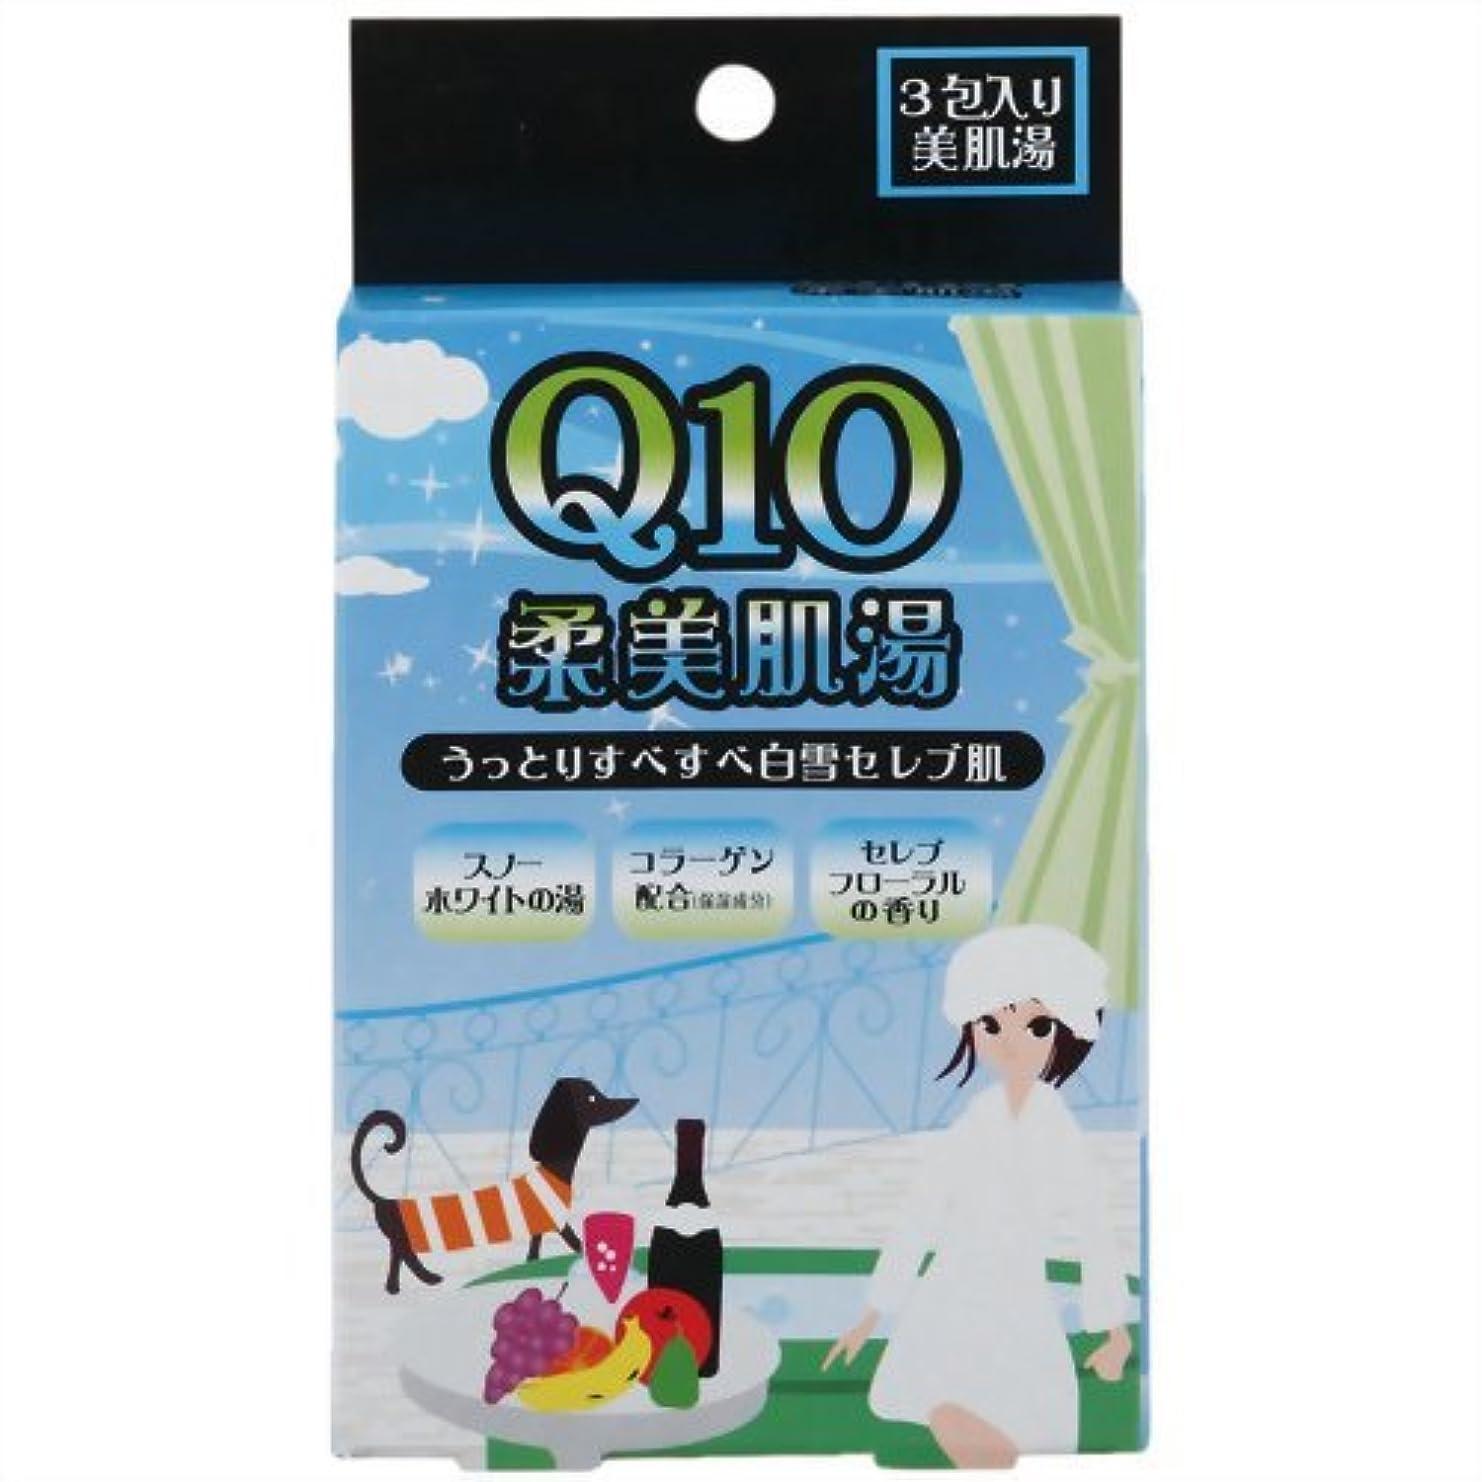 ピューテーブル氷紀陽除虫菊 Q10 柔美肌湯 (セレブフローラルの香り)【まとめ買い10個セット】 N-8372